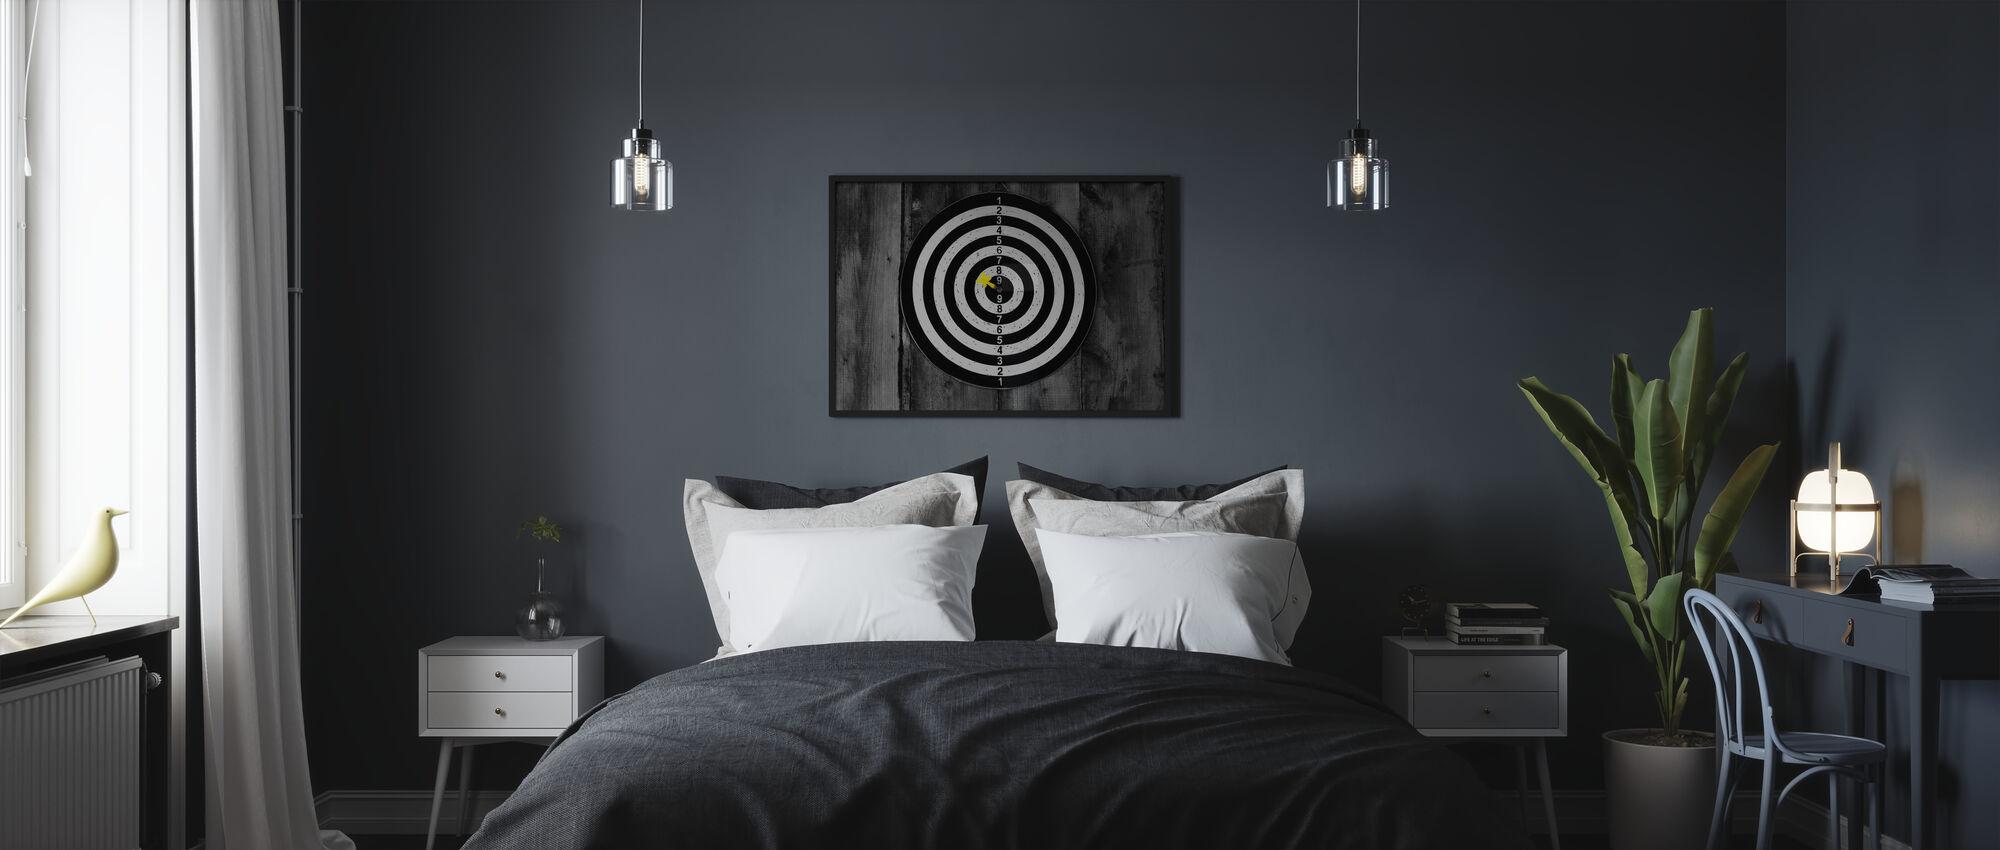 Bulls Eye - Poster - Bedroom